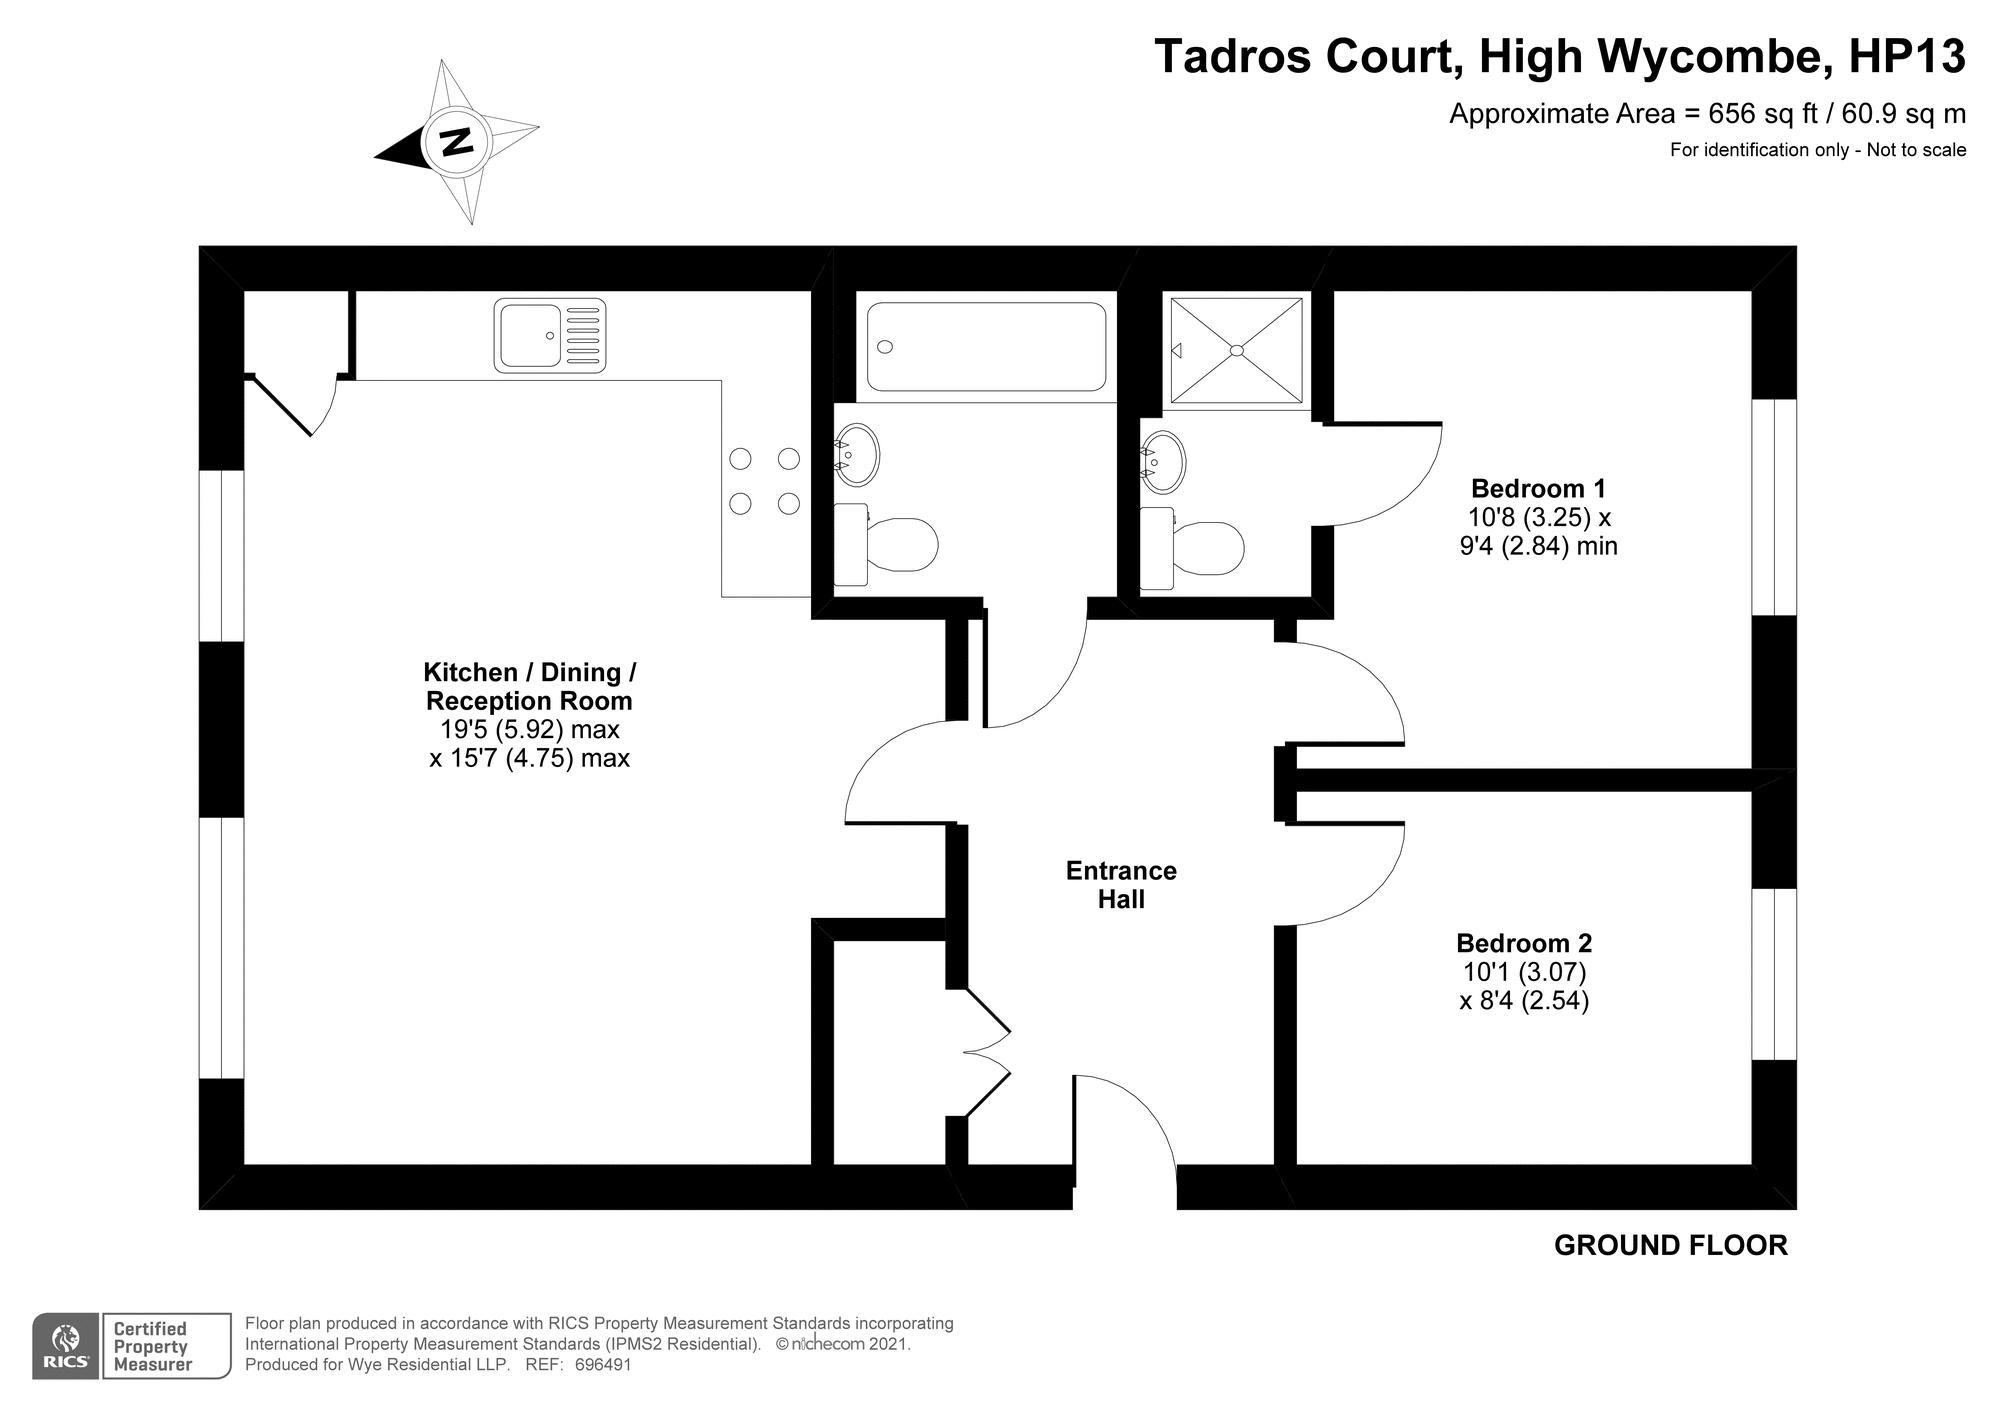 Tadros Court